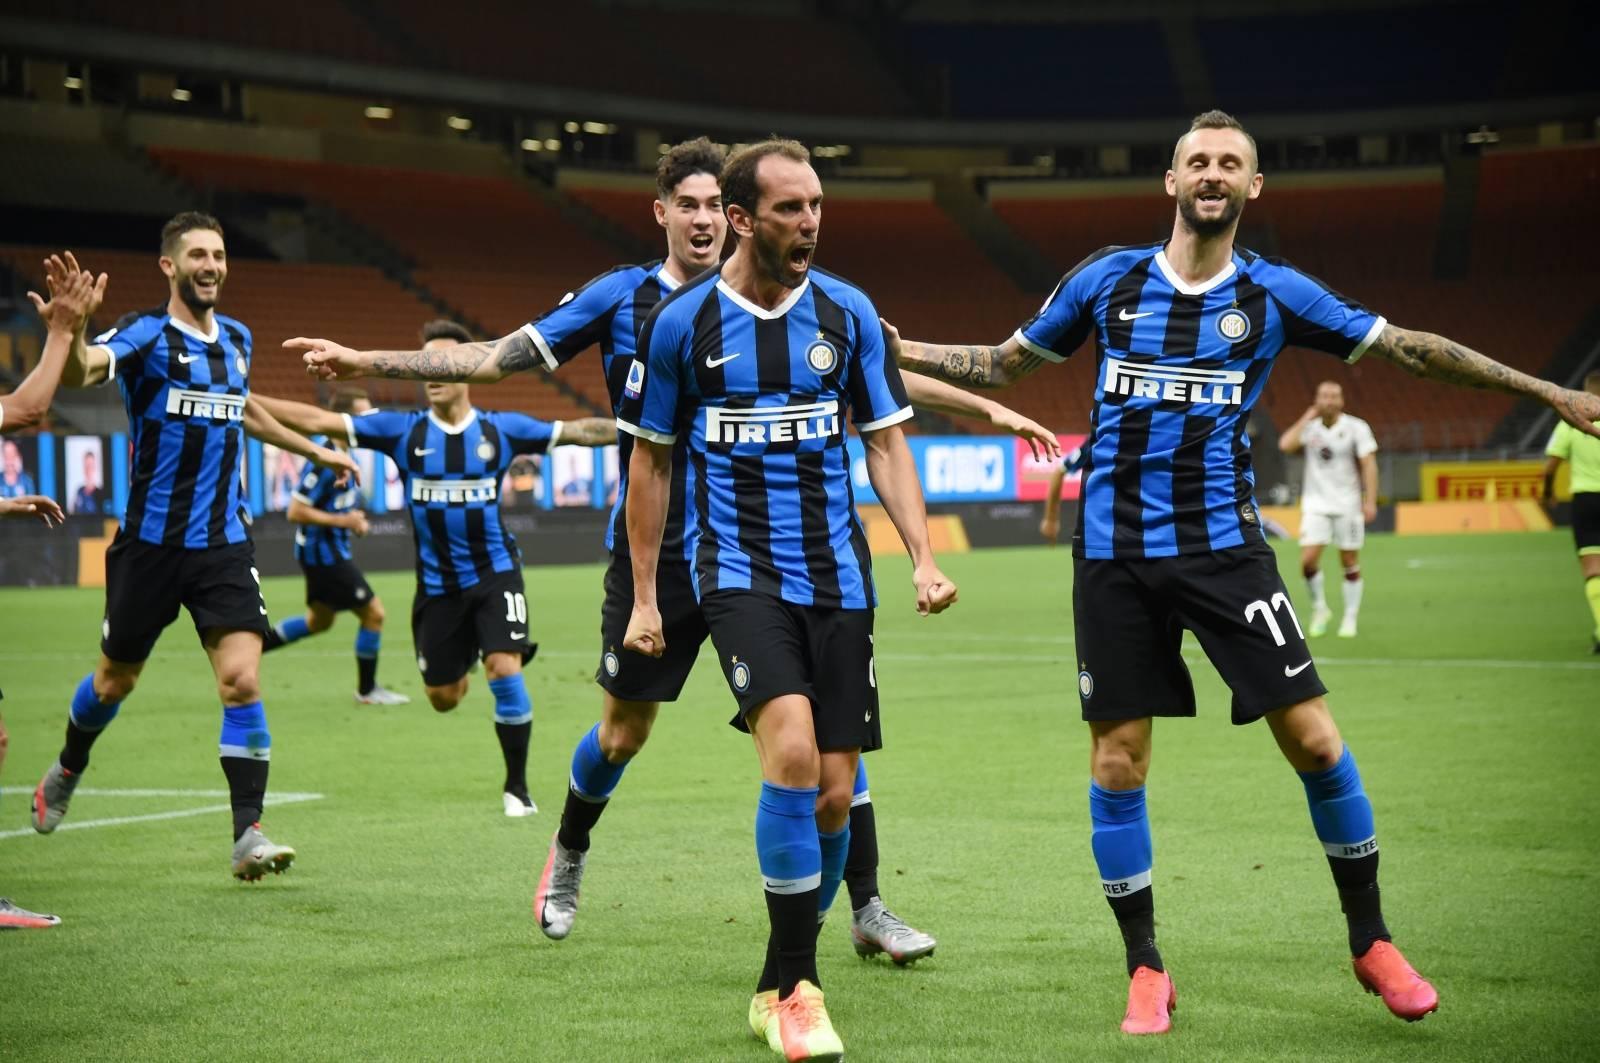 Serie A - Inter Milan v Torino